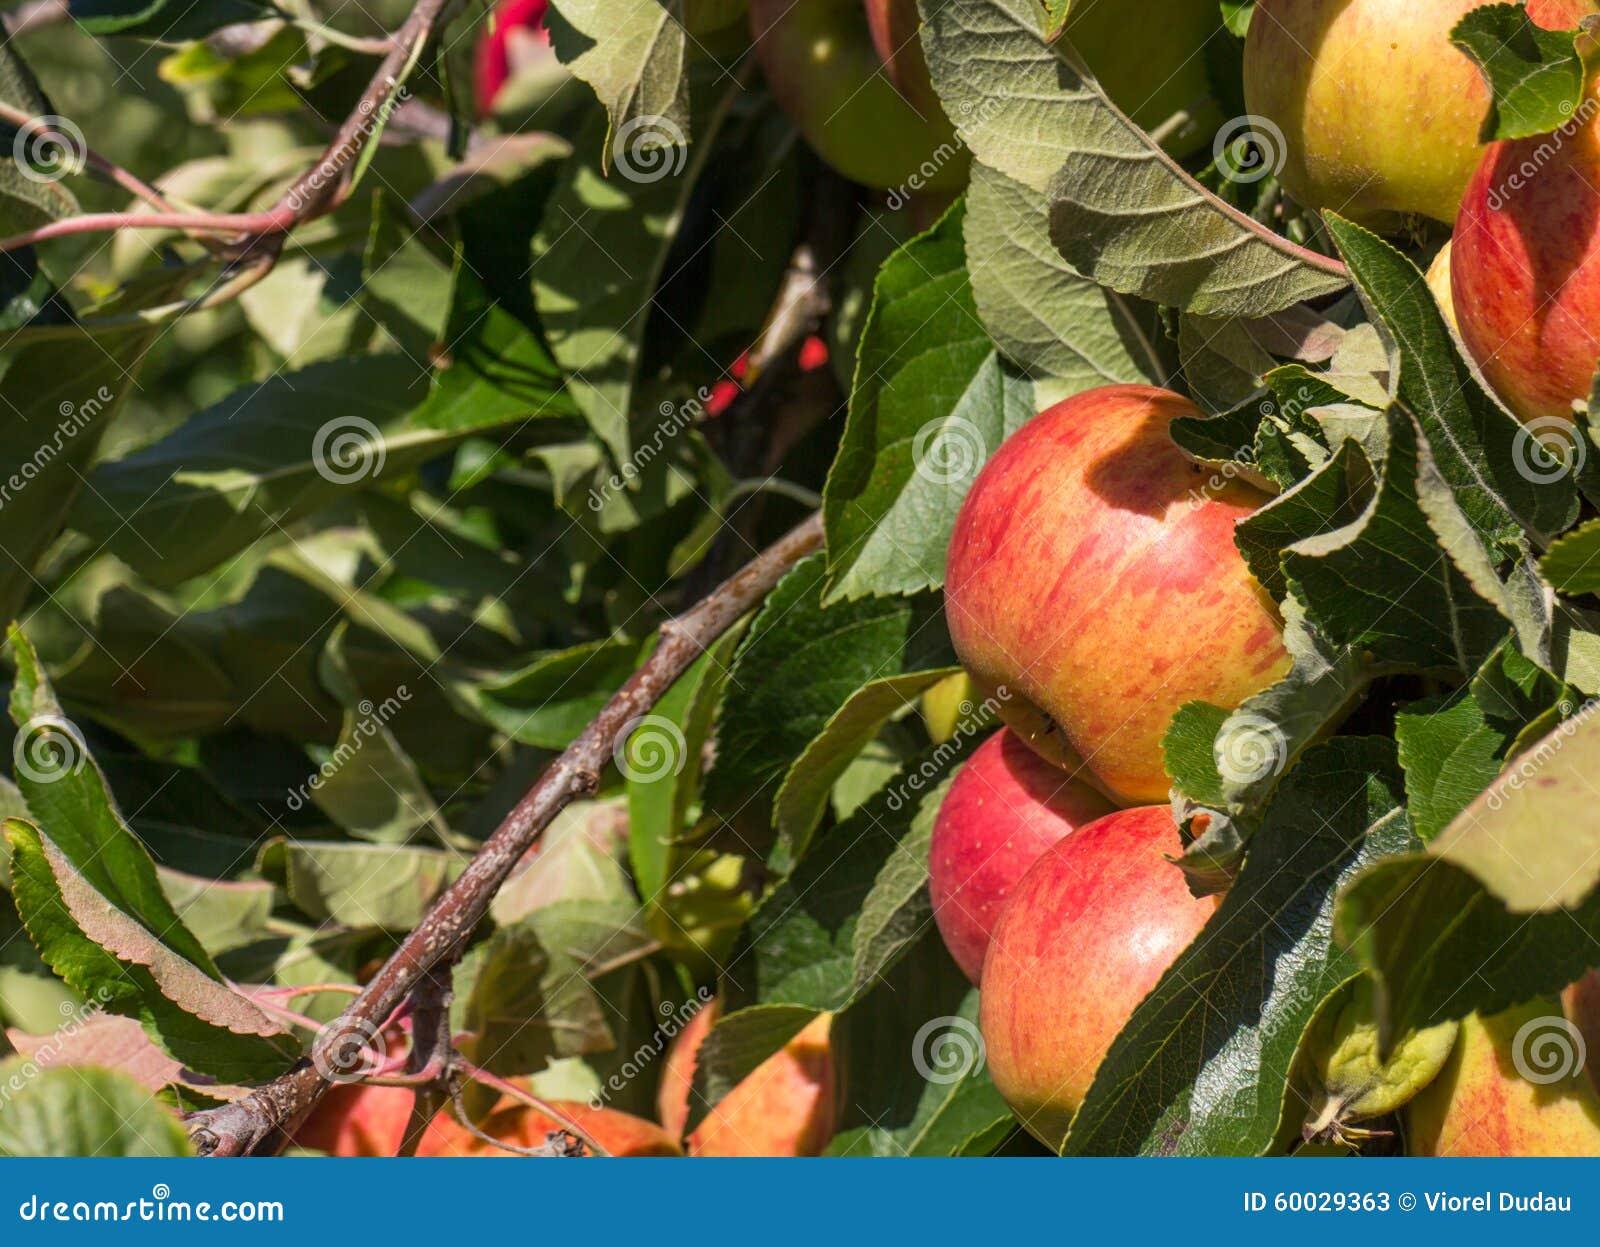 Mele rosse organiche in albero